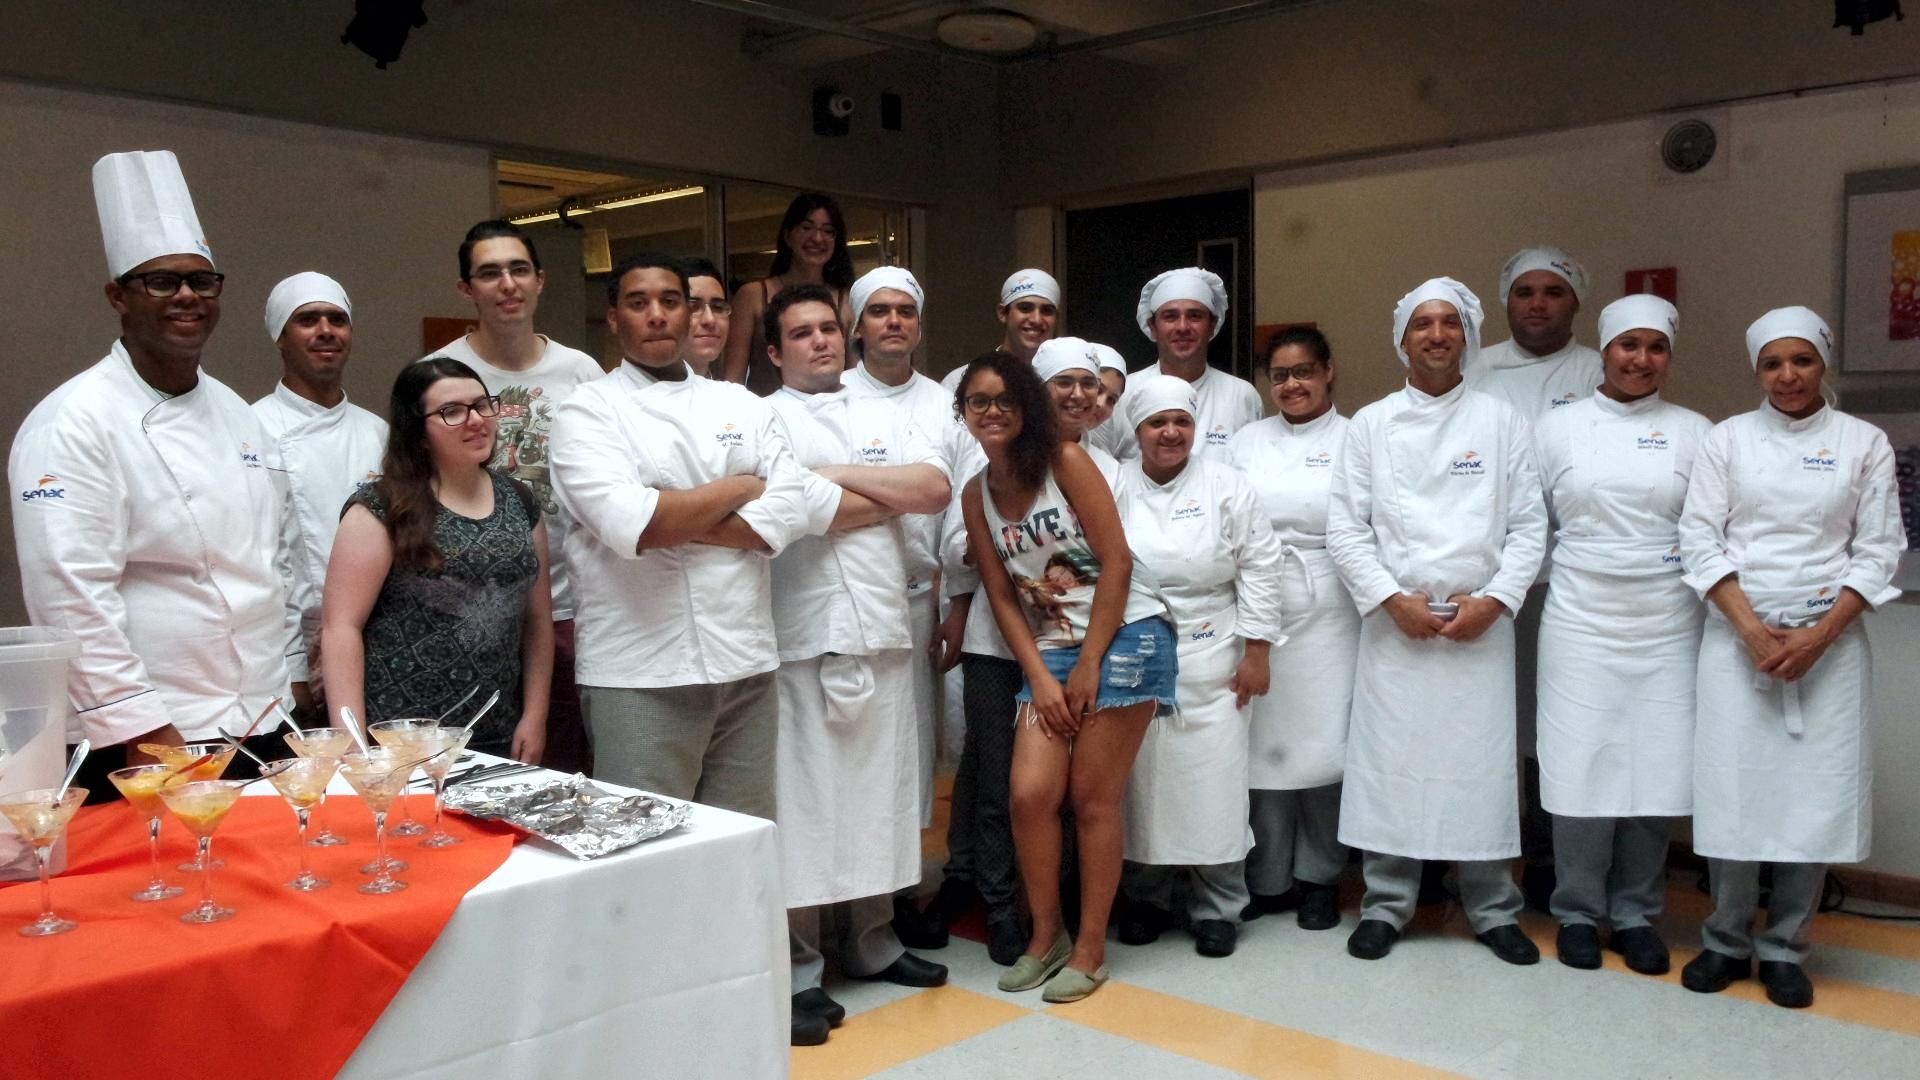 Chef (professor) e alunos do serviço do almoço